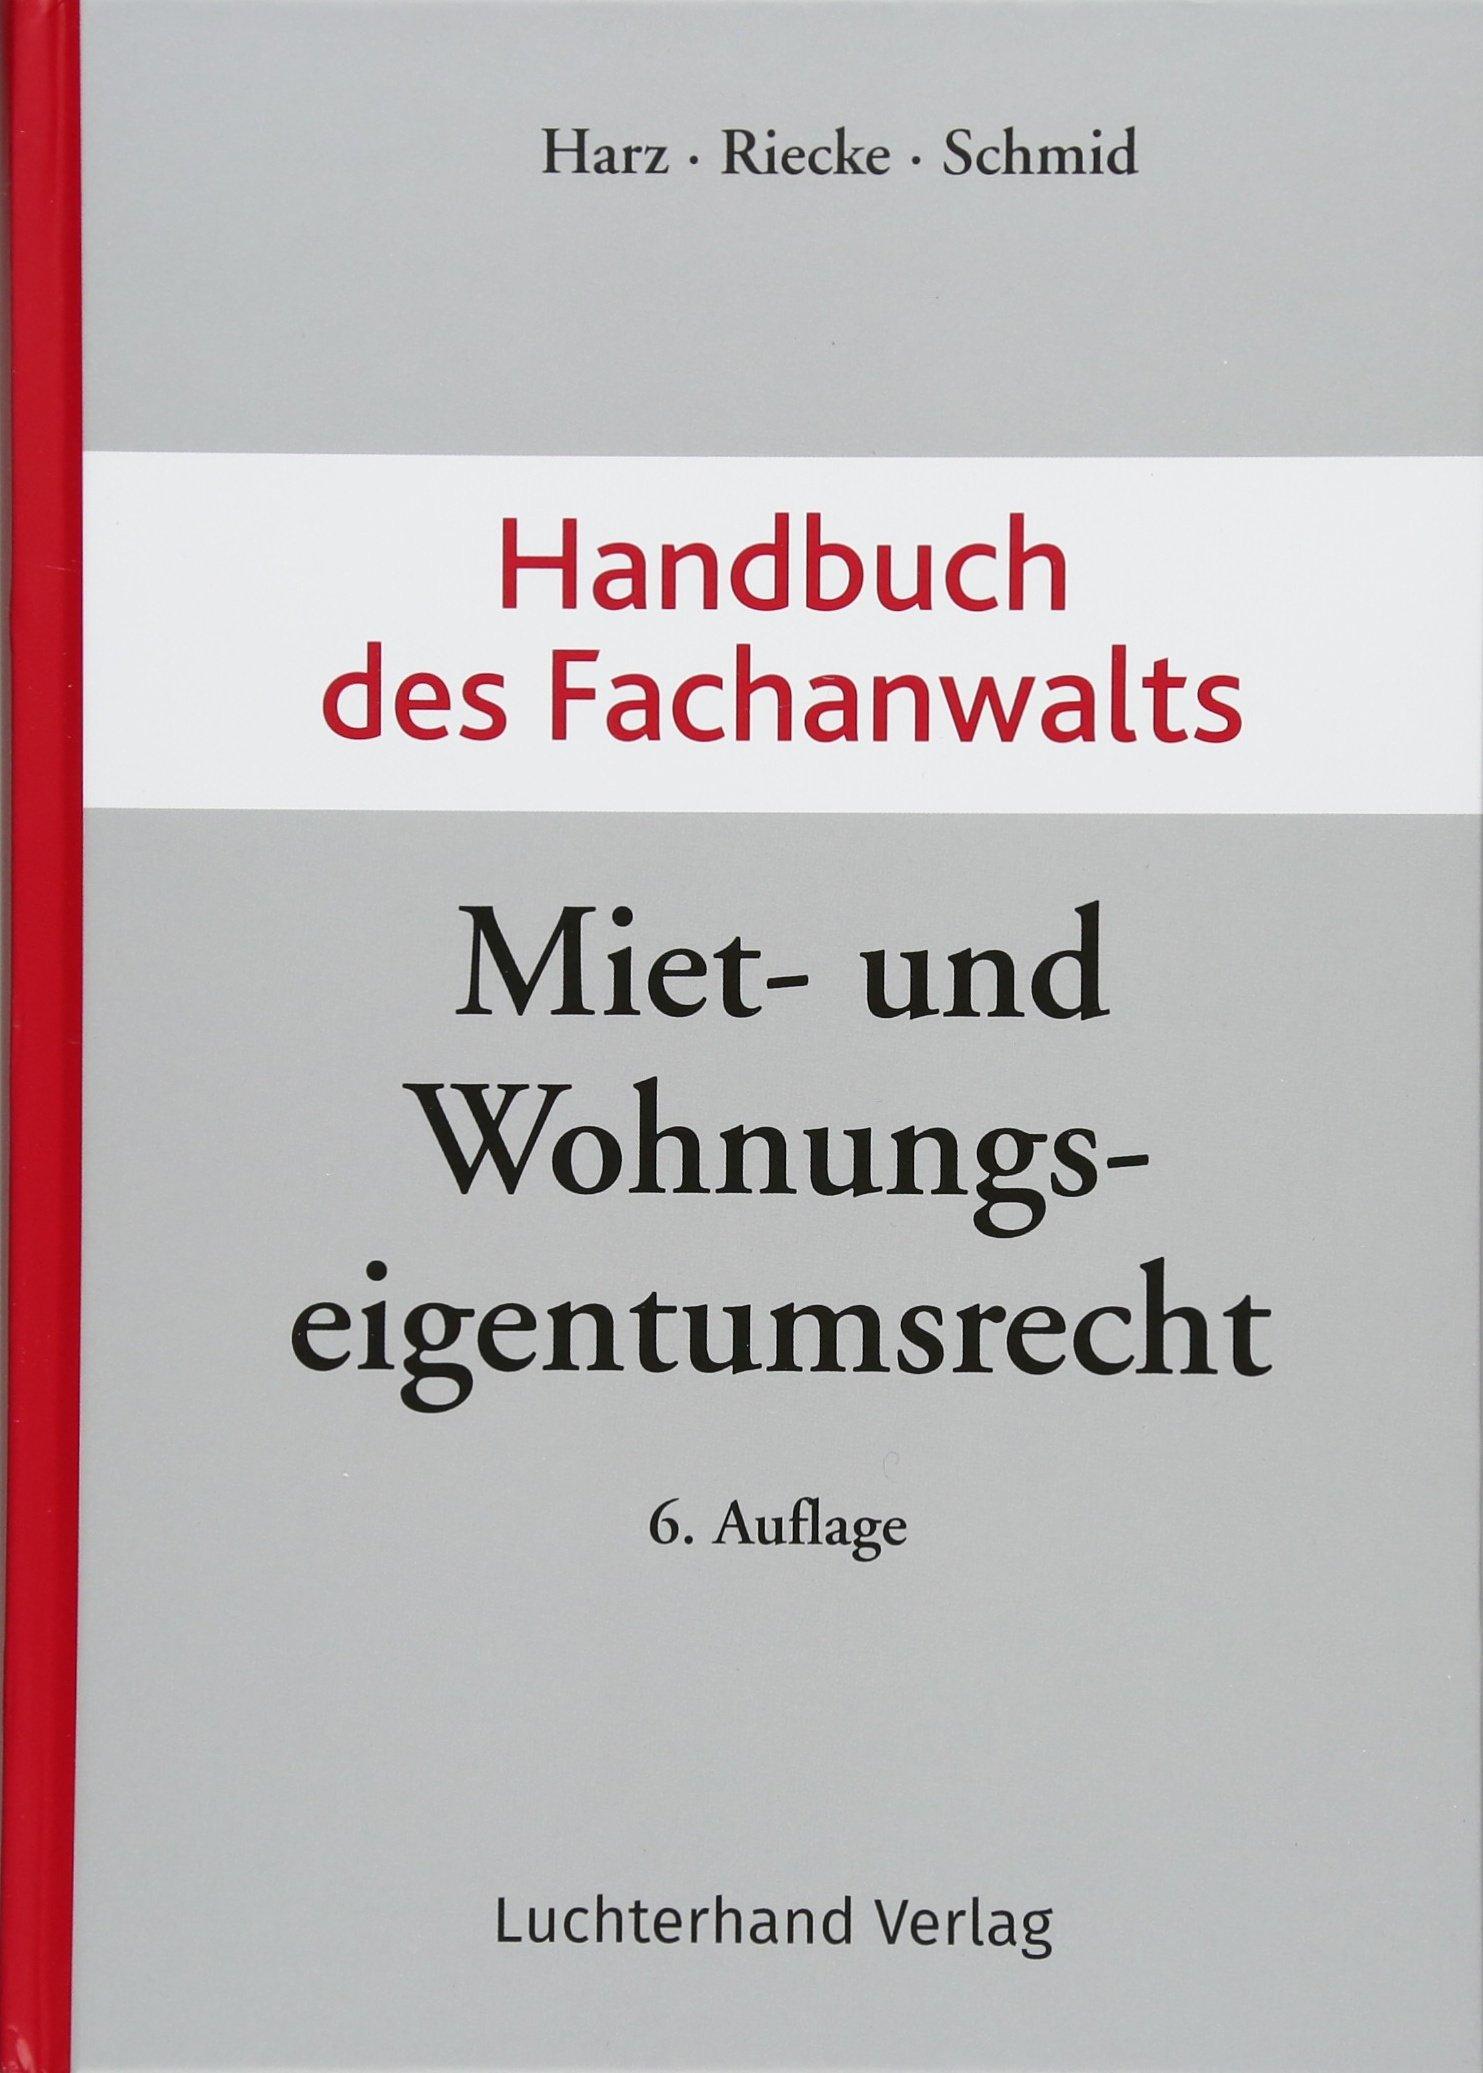 Handbuch des Fachanwalts Miet- und Wohnungseigentumsrecht Gebundenes Buch – 1. Dezember 2017 Annegret Harz Olaf Riecke Michael J. Schmid Hermann Luchterhand Verlag